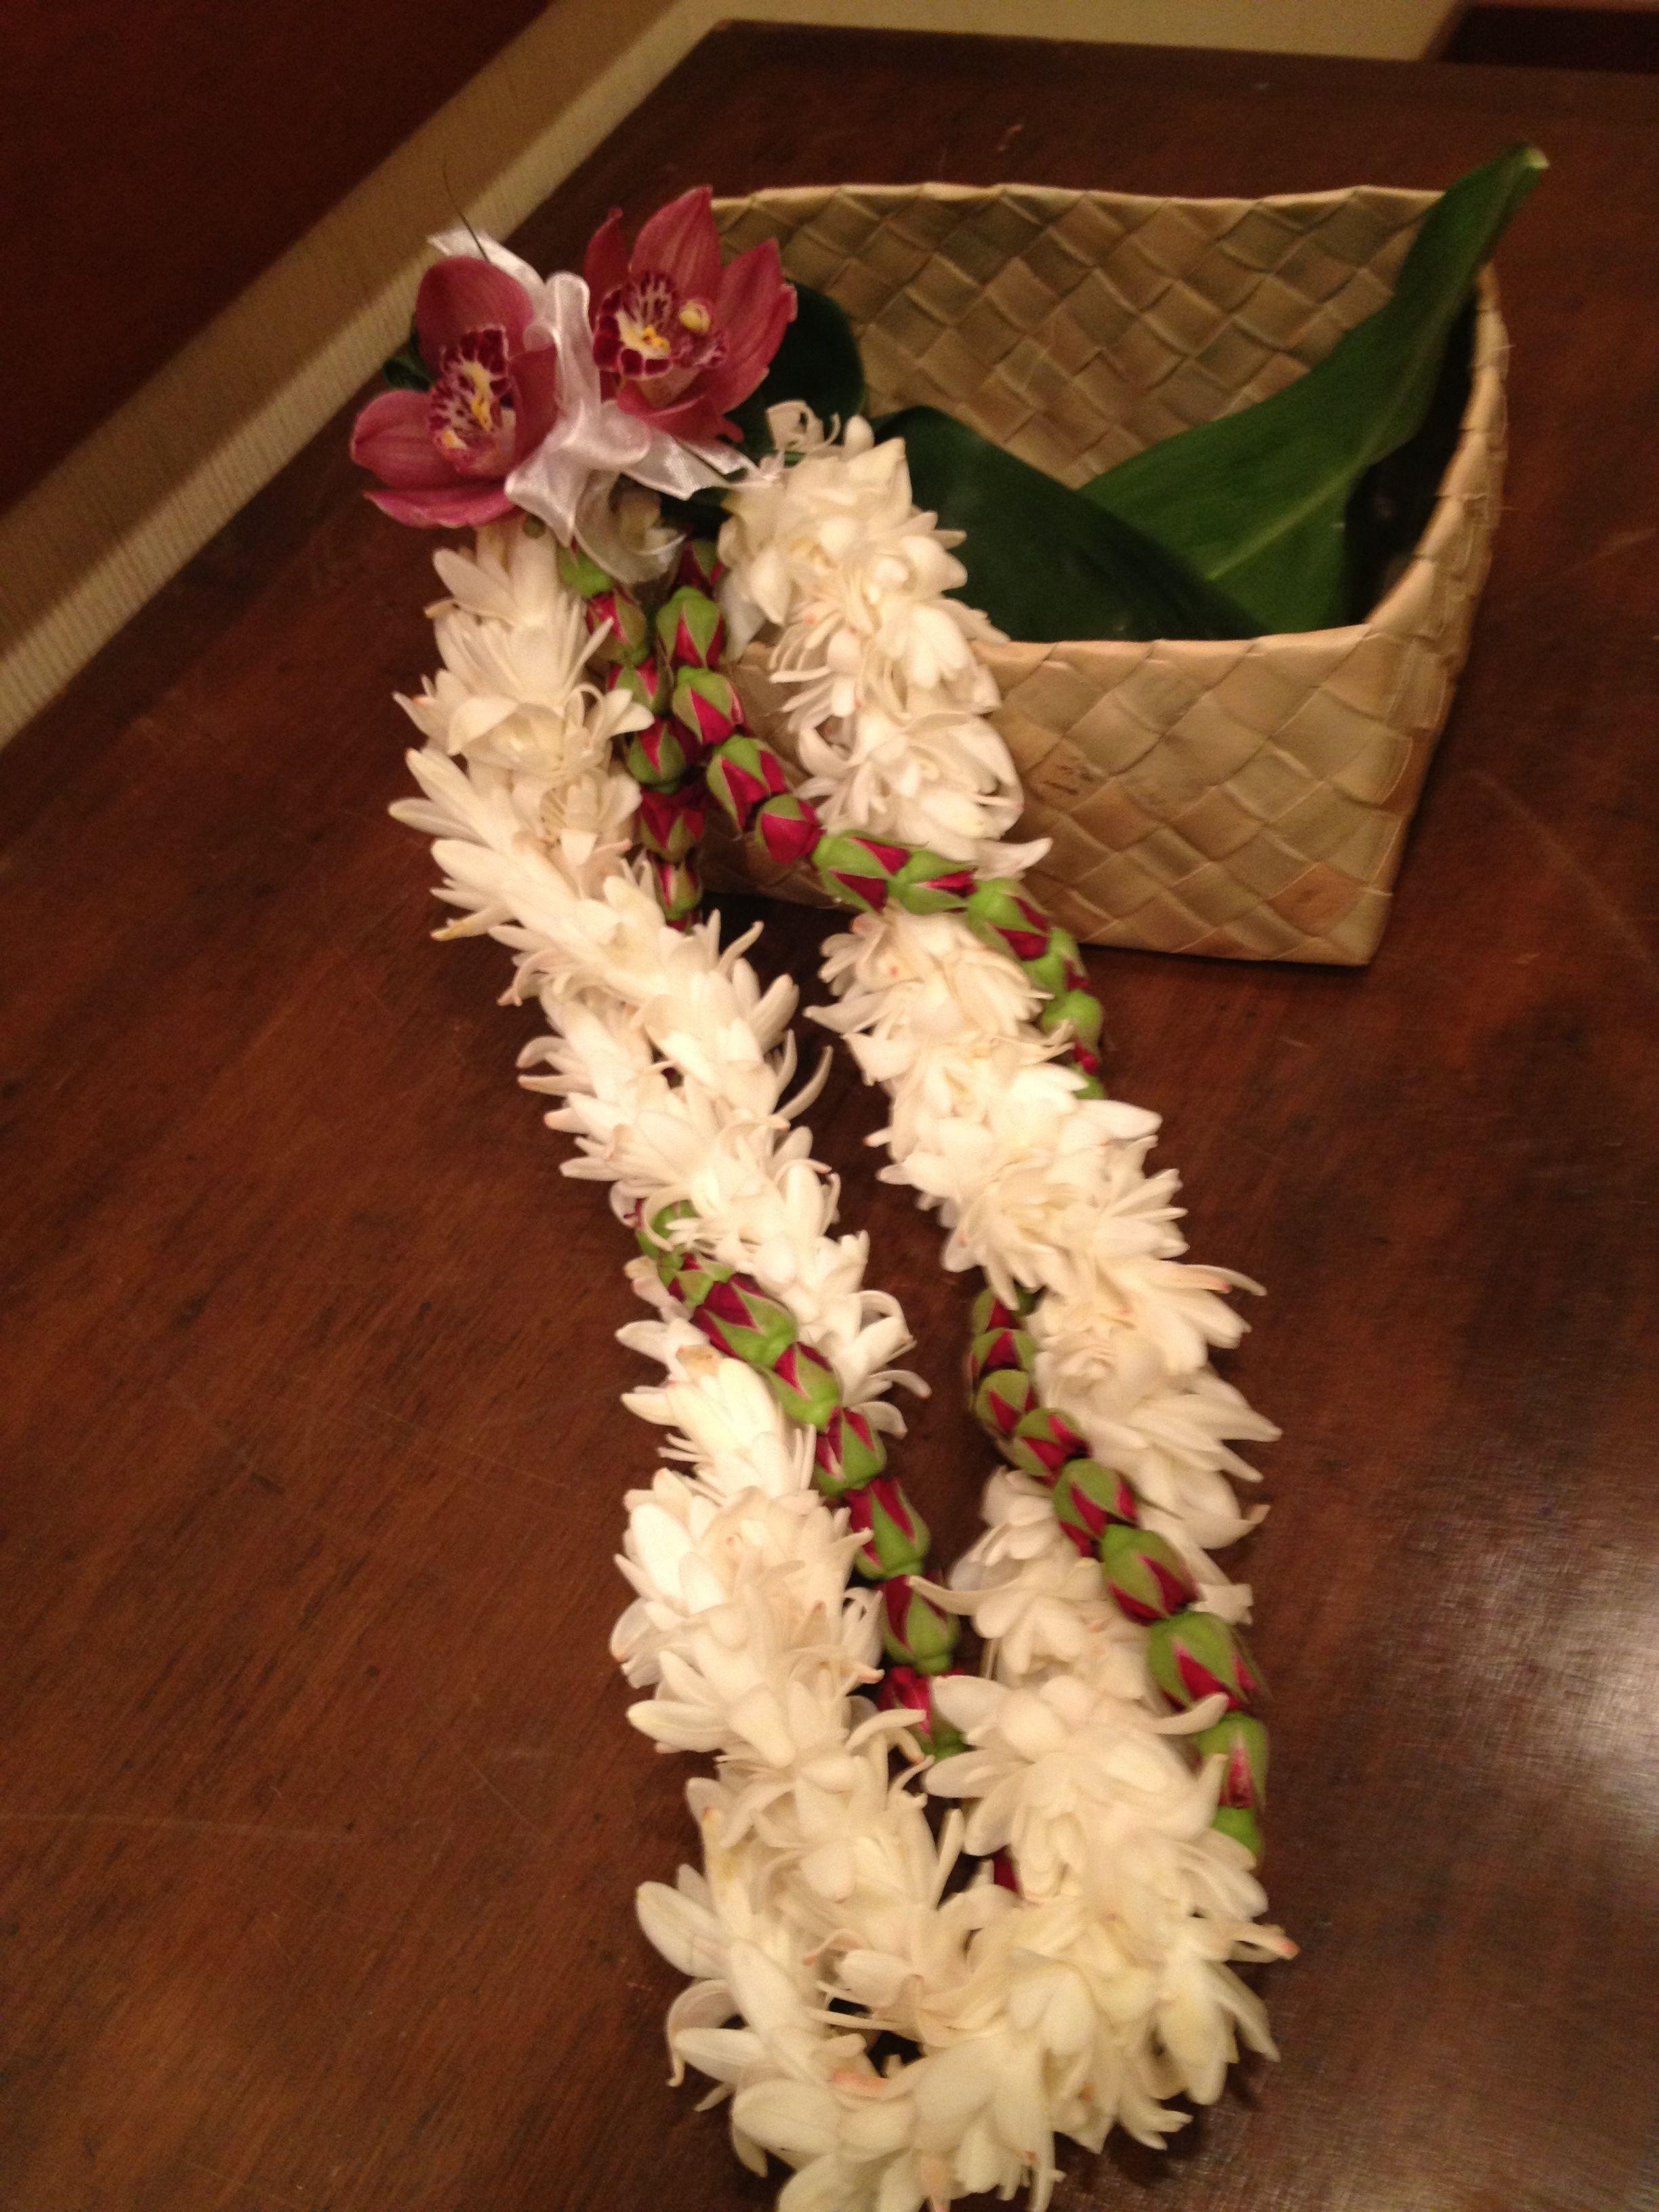 Lei Flowers By Heidi Fbh Leis Pinterest Leis Hawaiian Leis